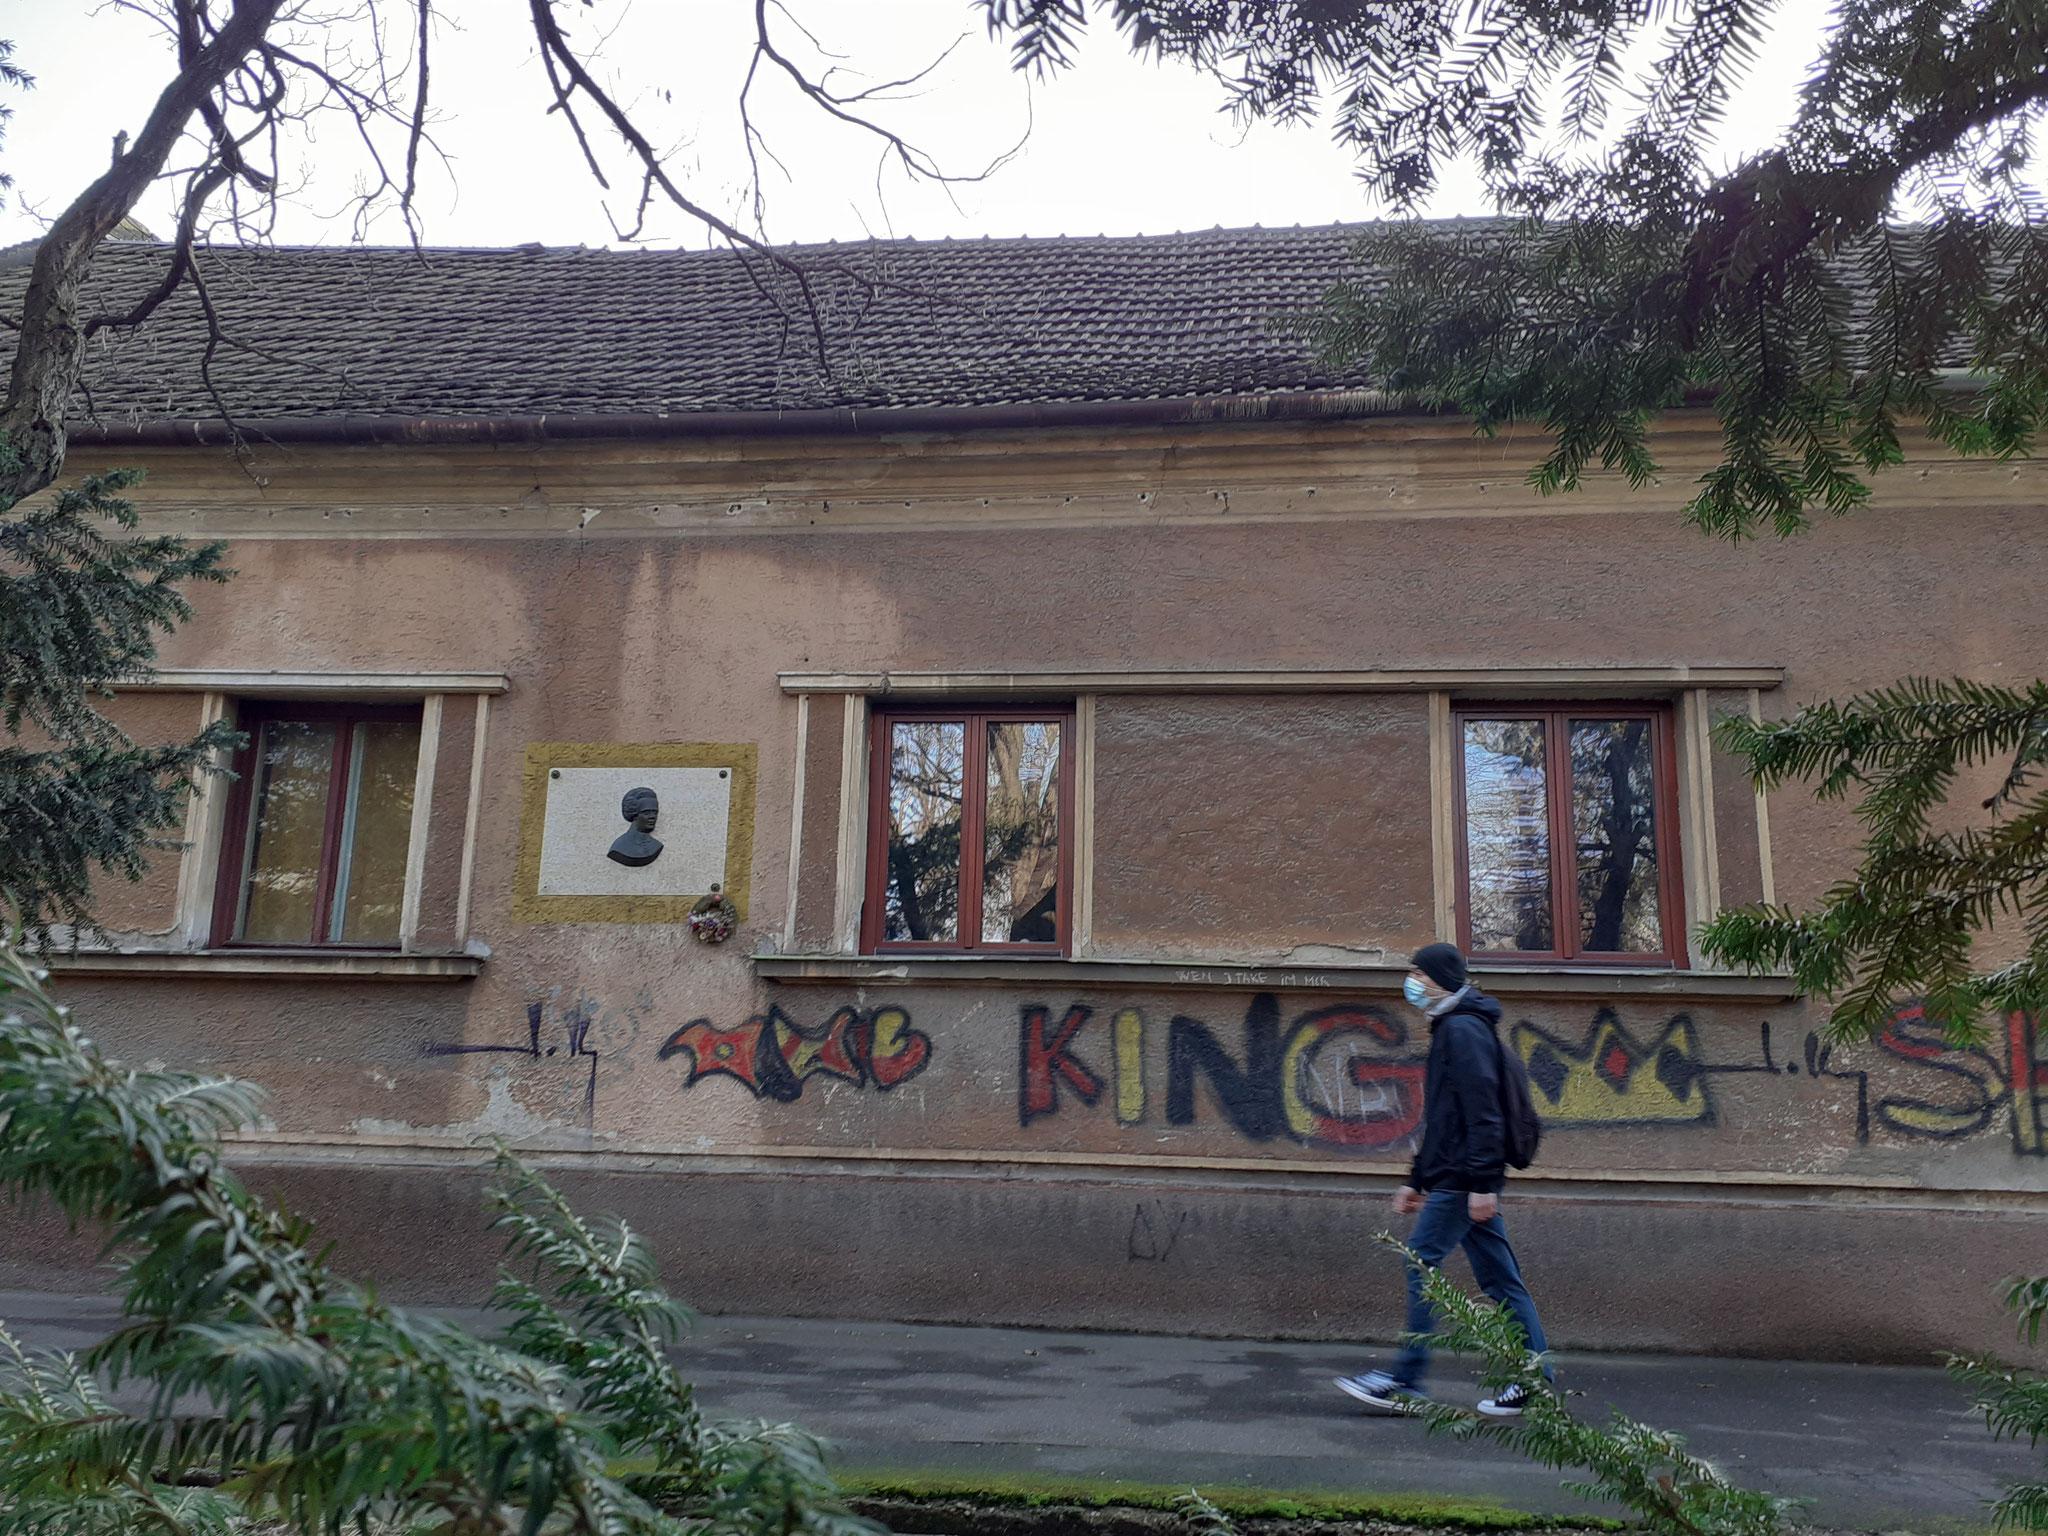 Foto: Takács Andrea (Oradea / Nagyvárad)